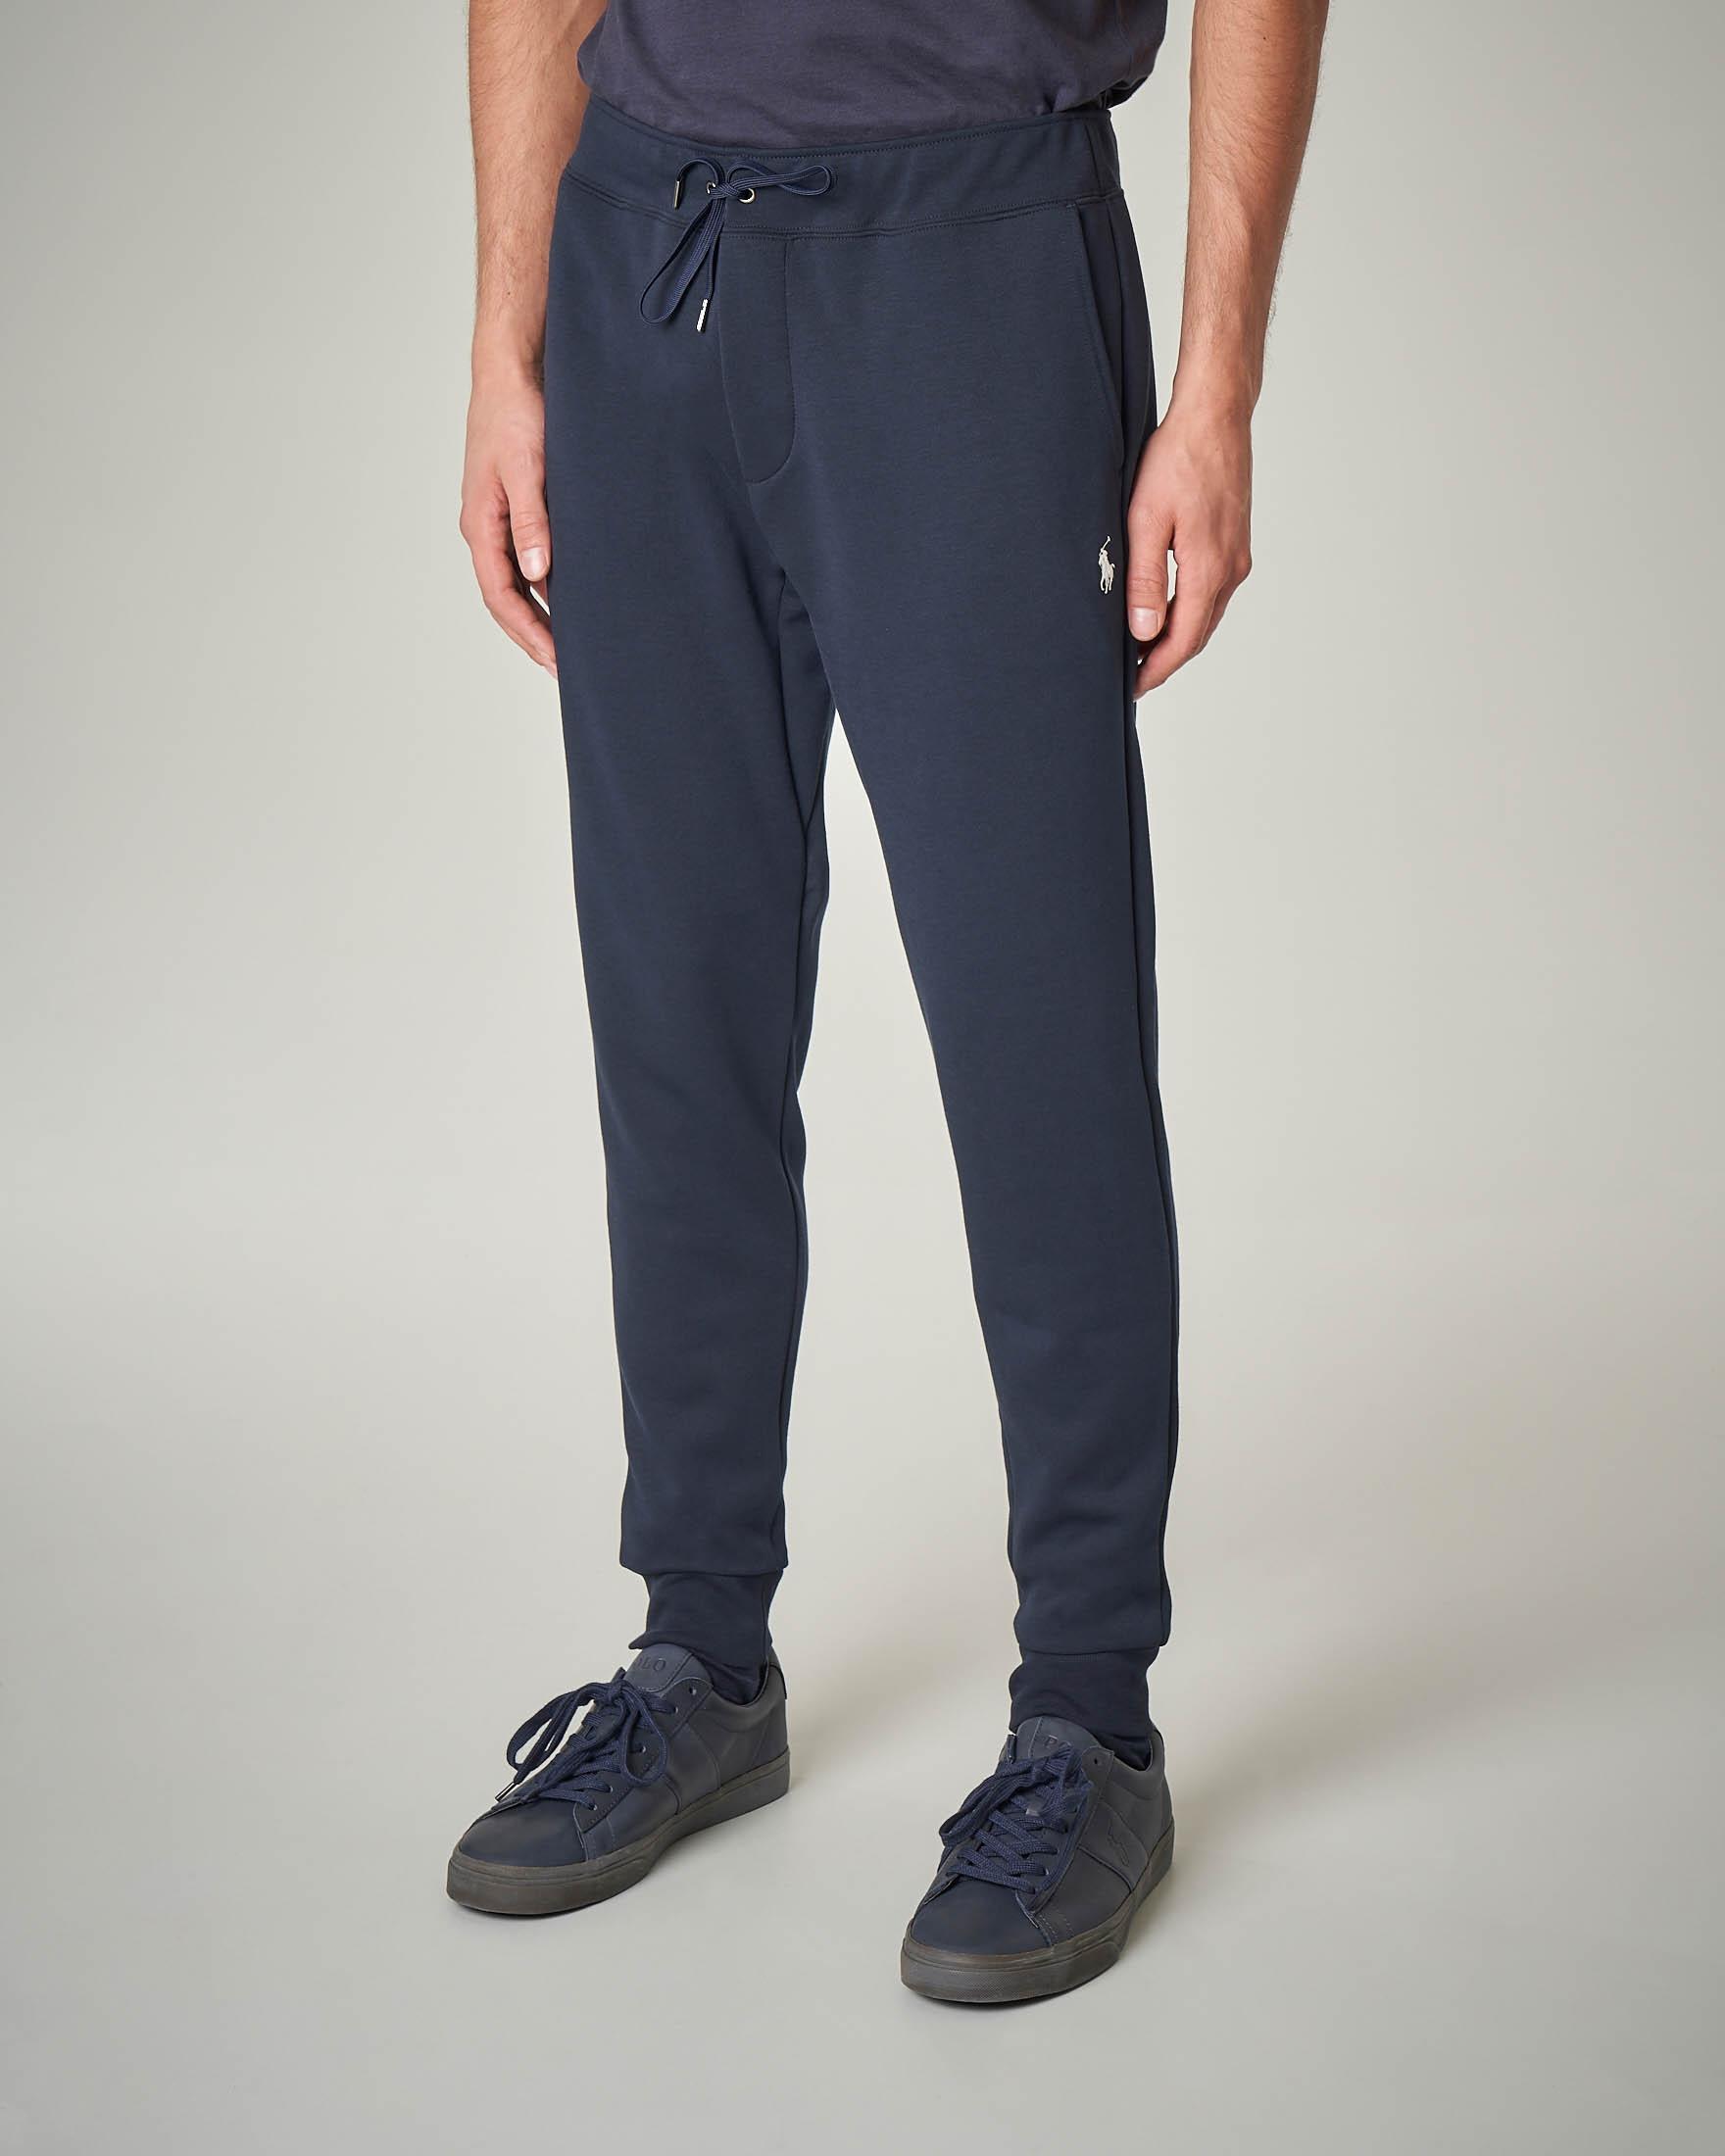 Pantalone blu in felpa con taschino posteriore